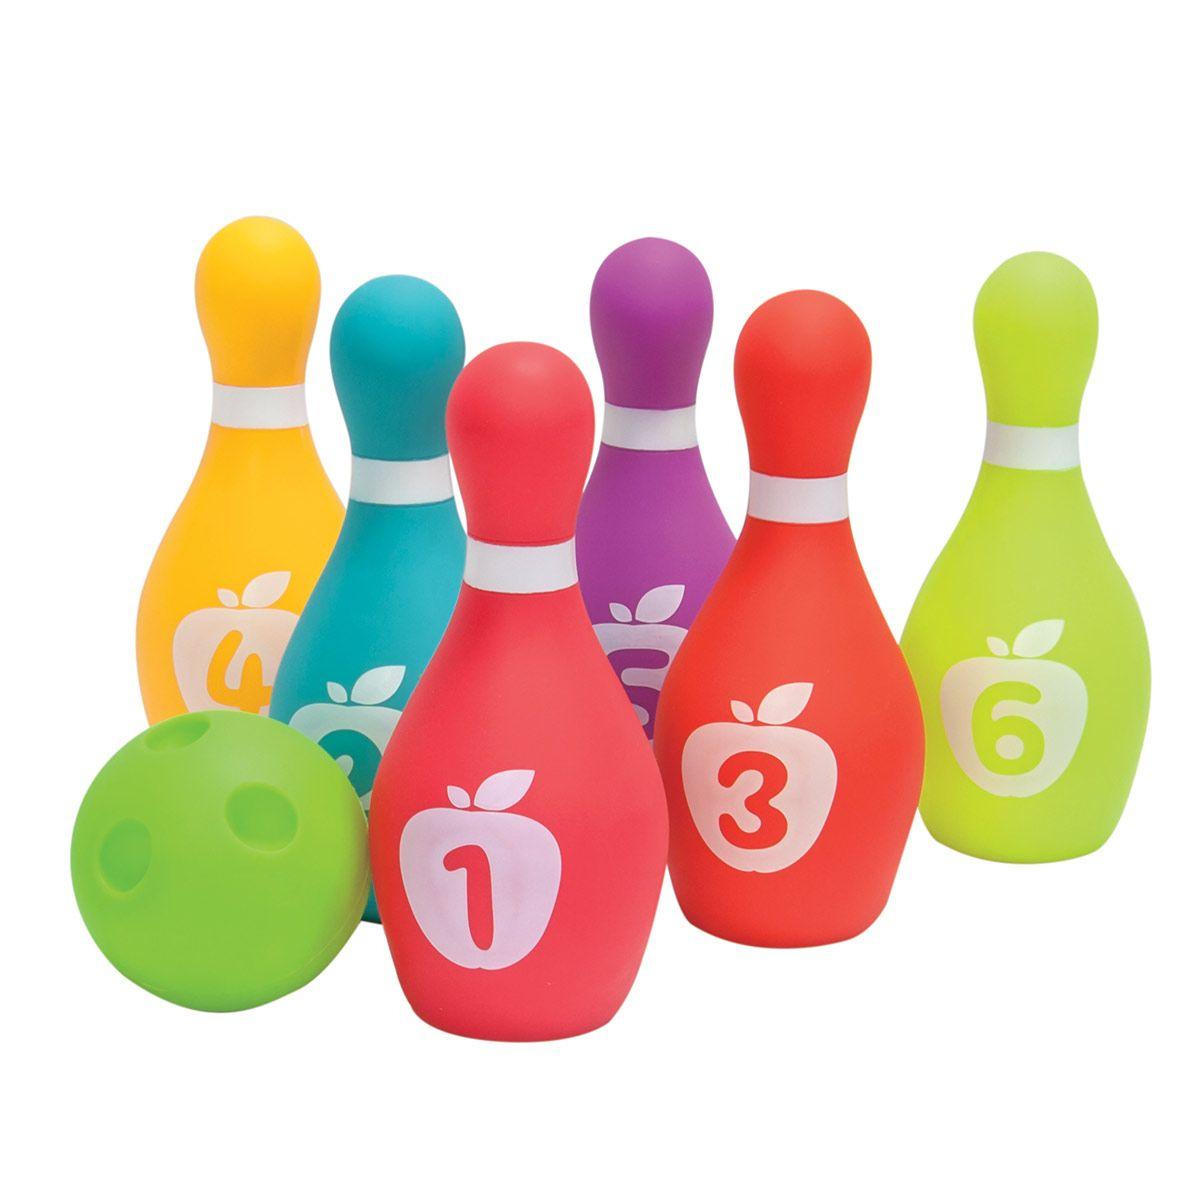 Mon Premier Jeu De Quilles - Balles Et Jouets À Balles - La destiné Jeu De Quilles Enfant